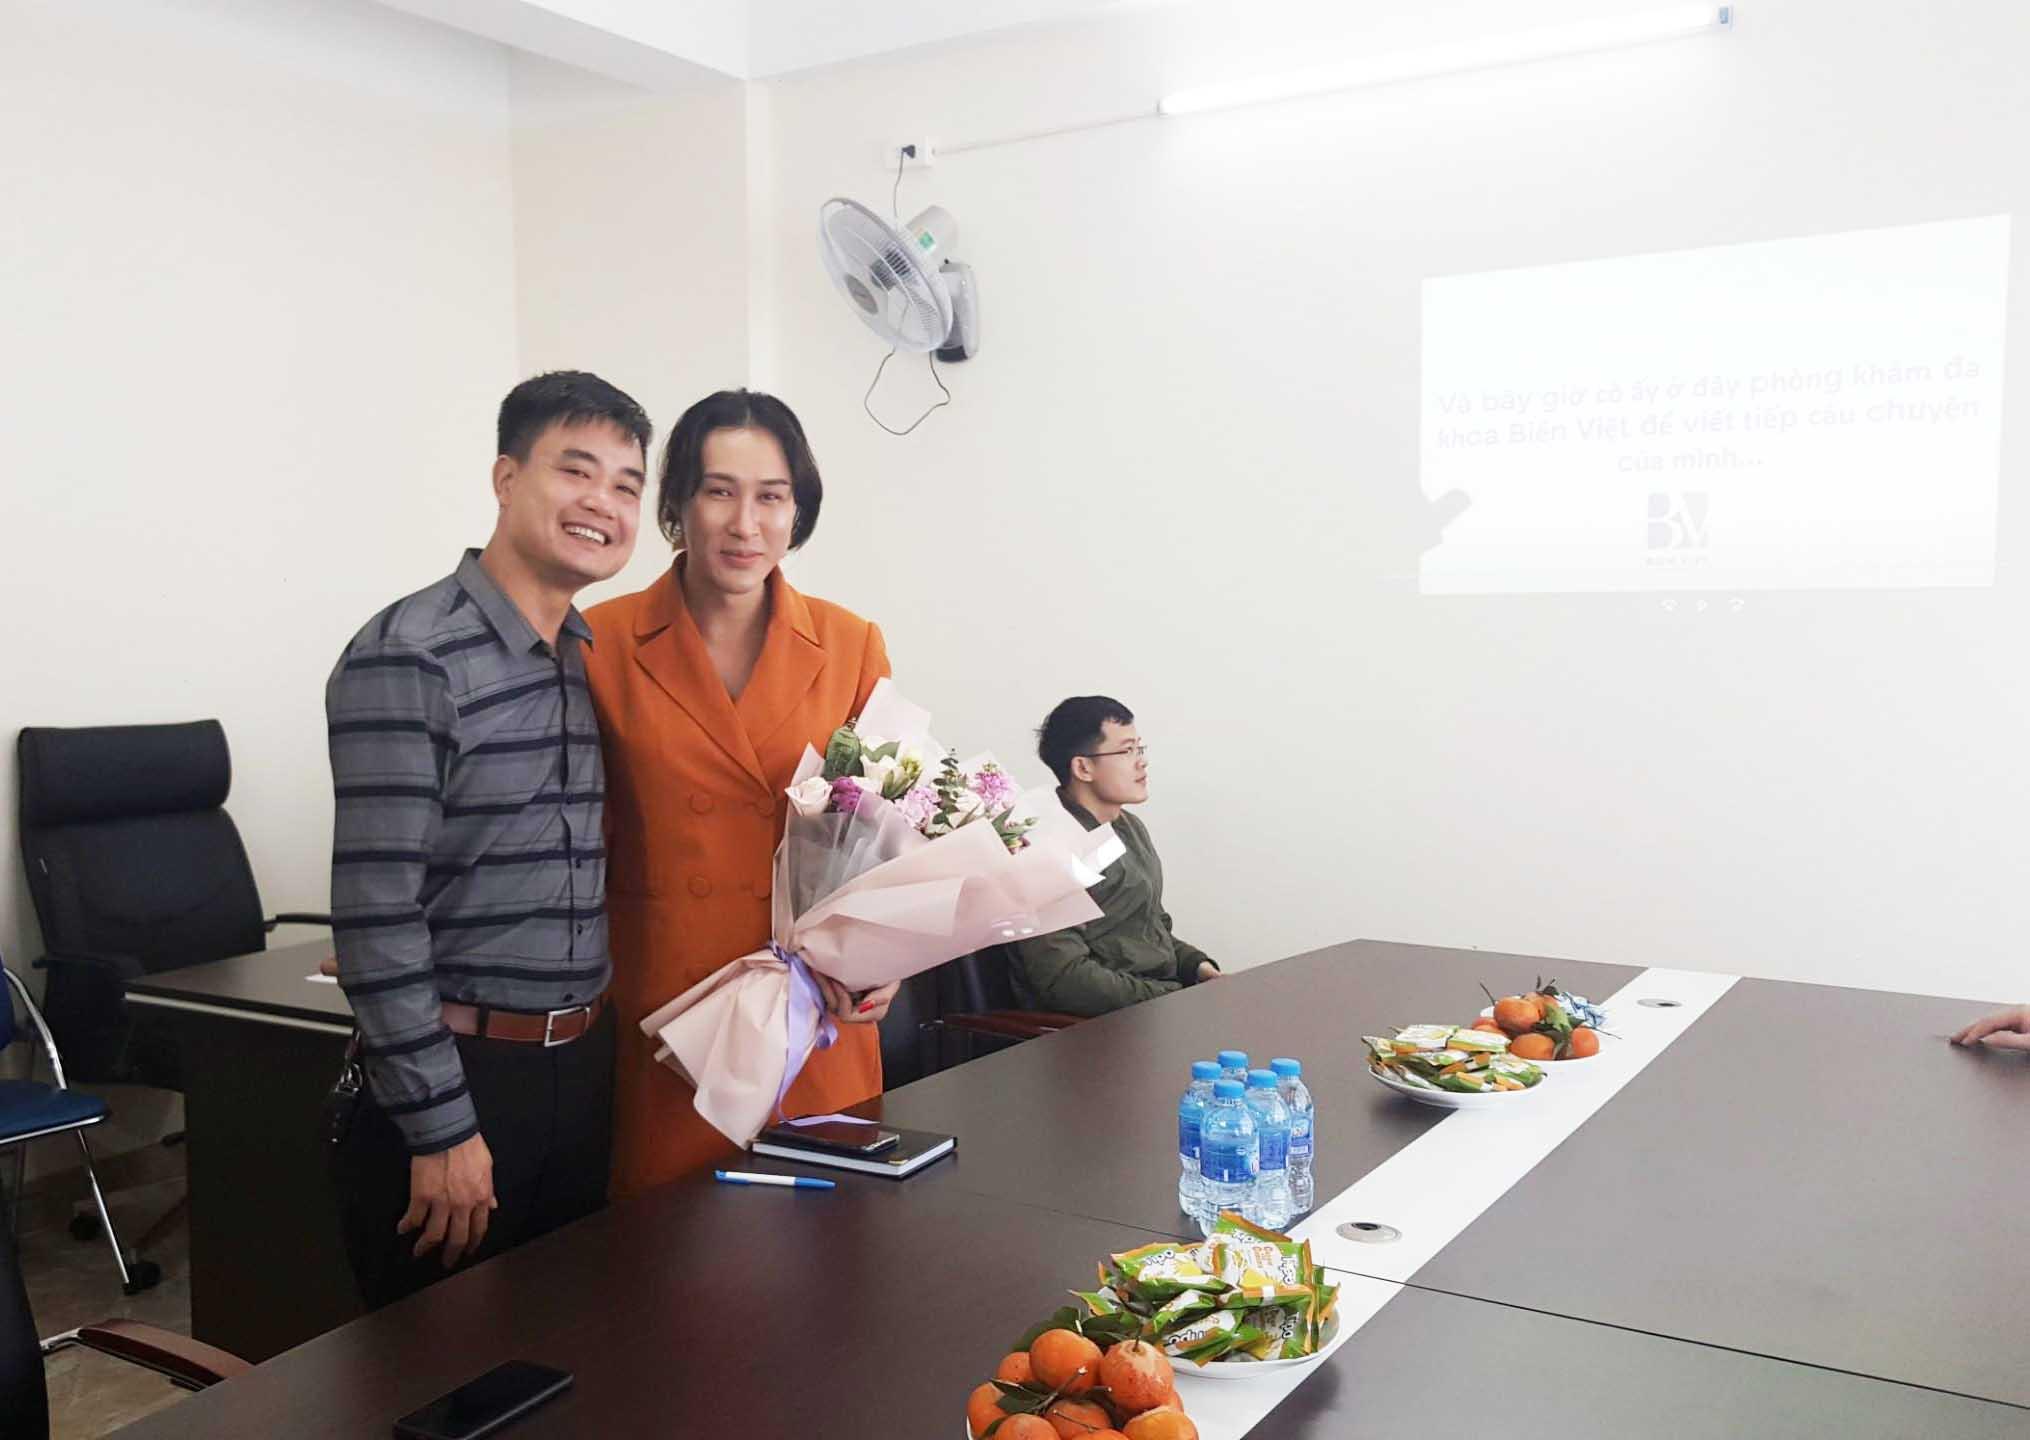 Chào mừng Vũ Hoàng Mai Châu (Đại diện mạng lưới người chuyển giới tại Việt Nam,